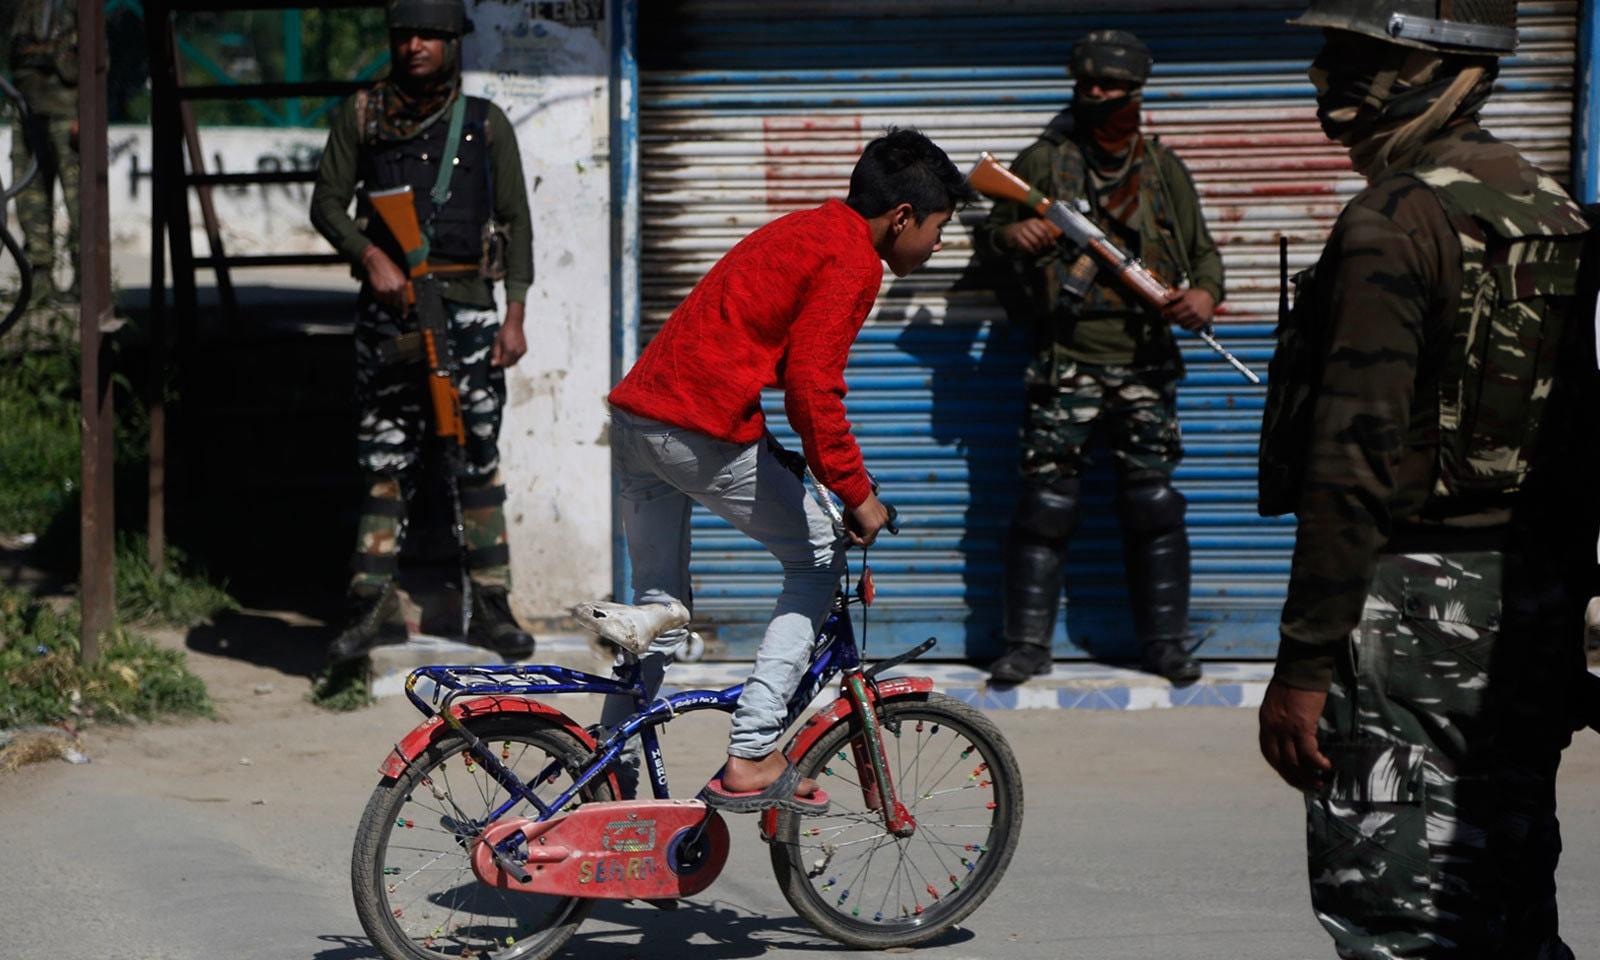 بھارتی انتخابات کے موقع پر مقبوضہ کشمیر میں شٹر ڈاؤن ہڑتال کی گئی — فائل فوٹو: اے پی